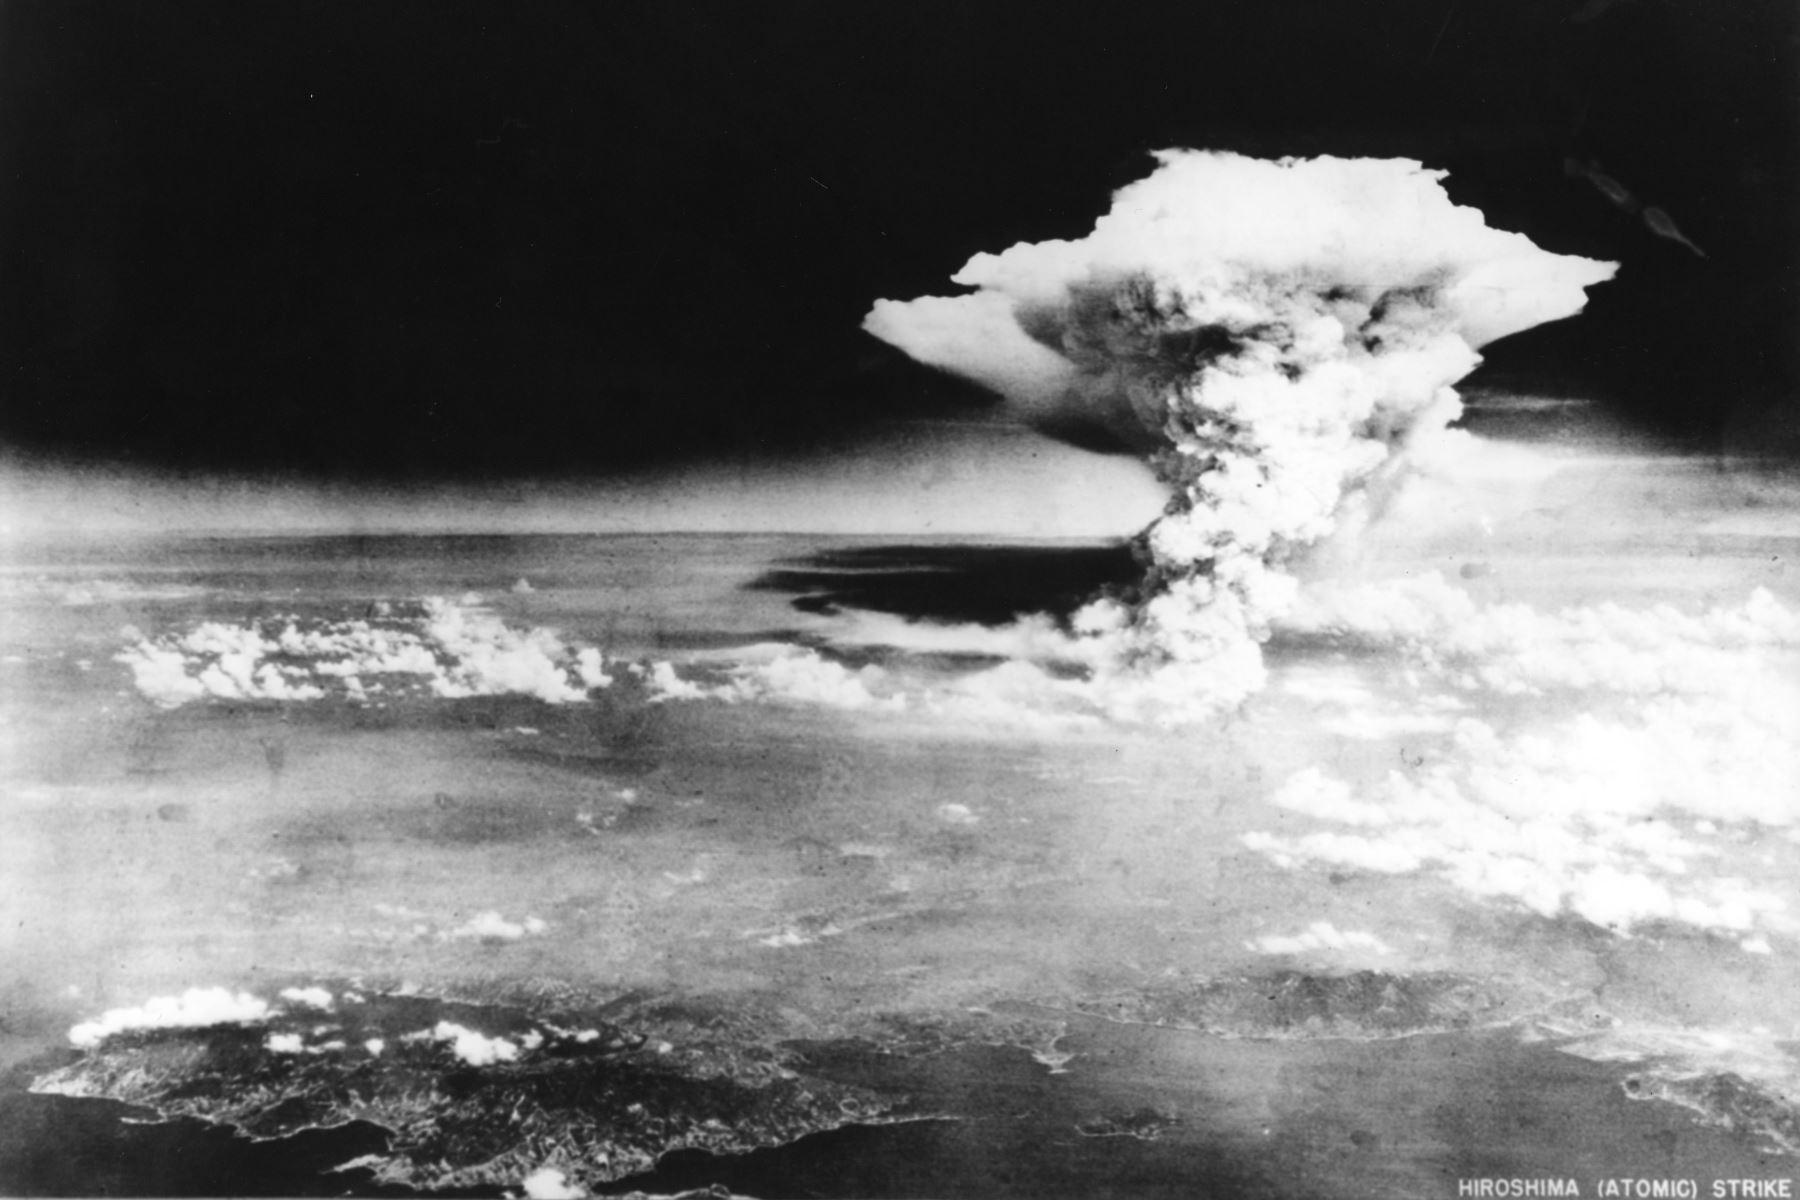 Esta foto del folleto tomada el 6 de agosto de 1945 por el Ejército de los EE. UU. y liberada del Museo Conmemorativo de la Paz de Hiroshima muestra una nube de hongo de la bomba atómica arrojada por el bombardero B-29 Enola Gay sobre la ciudad de Hiroshima. Foto: AFP